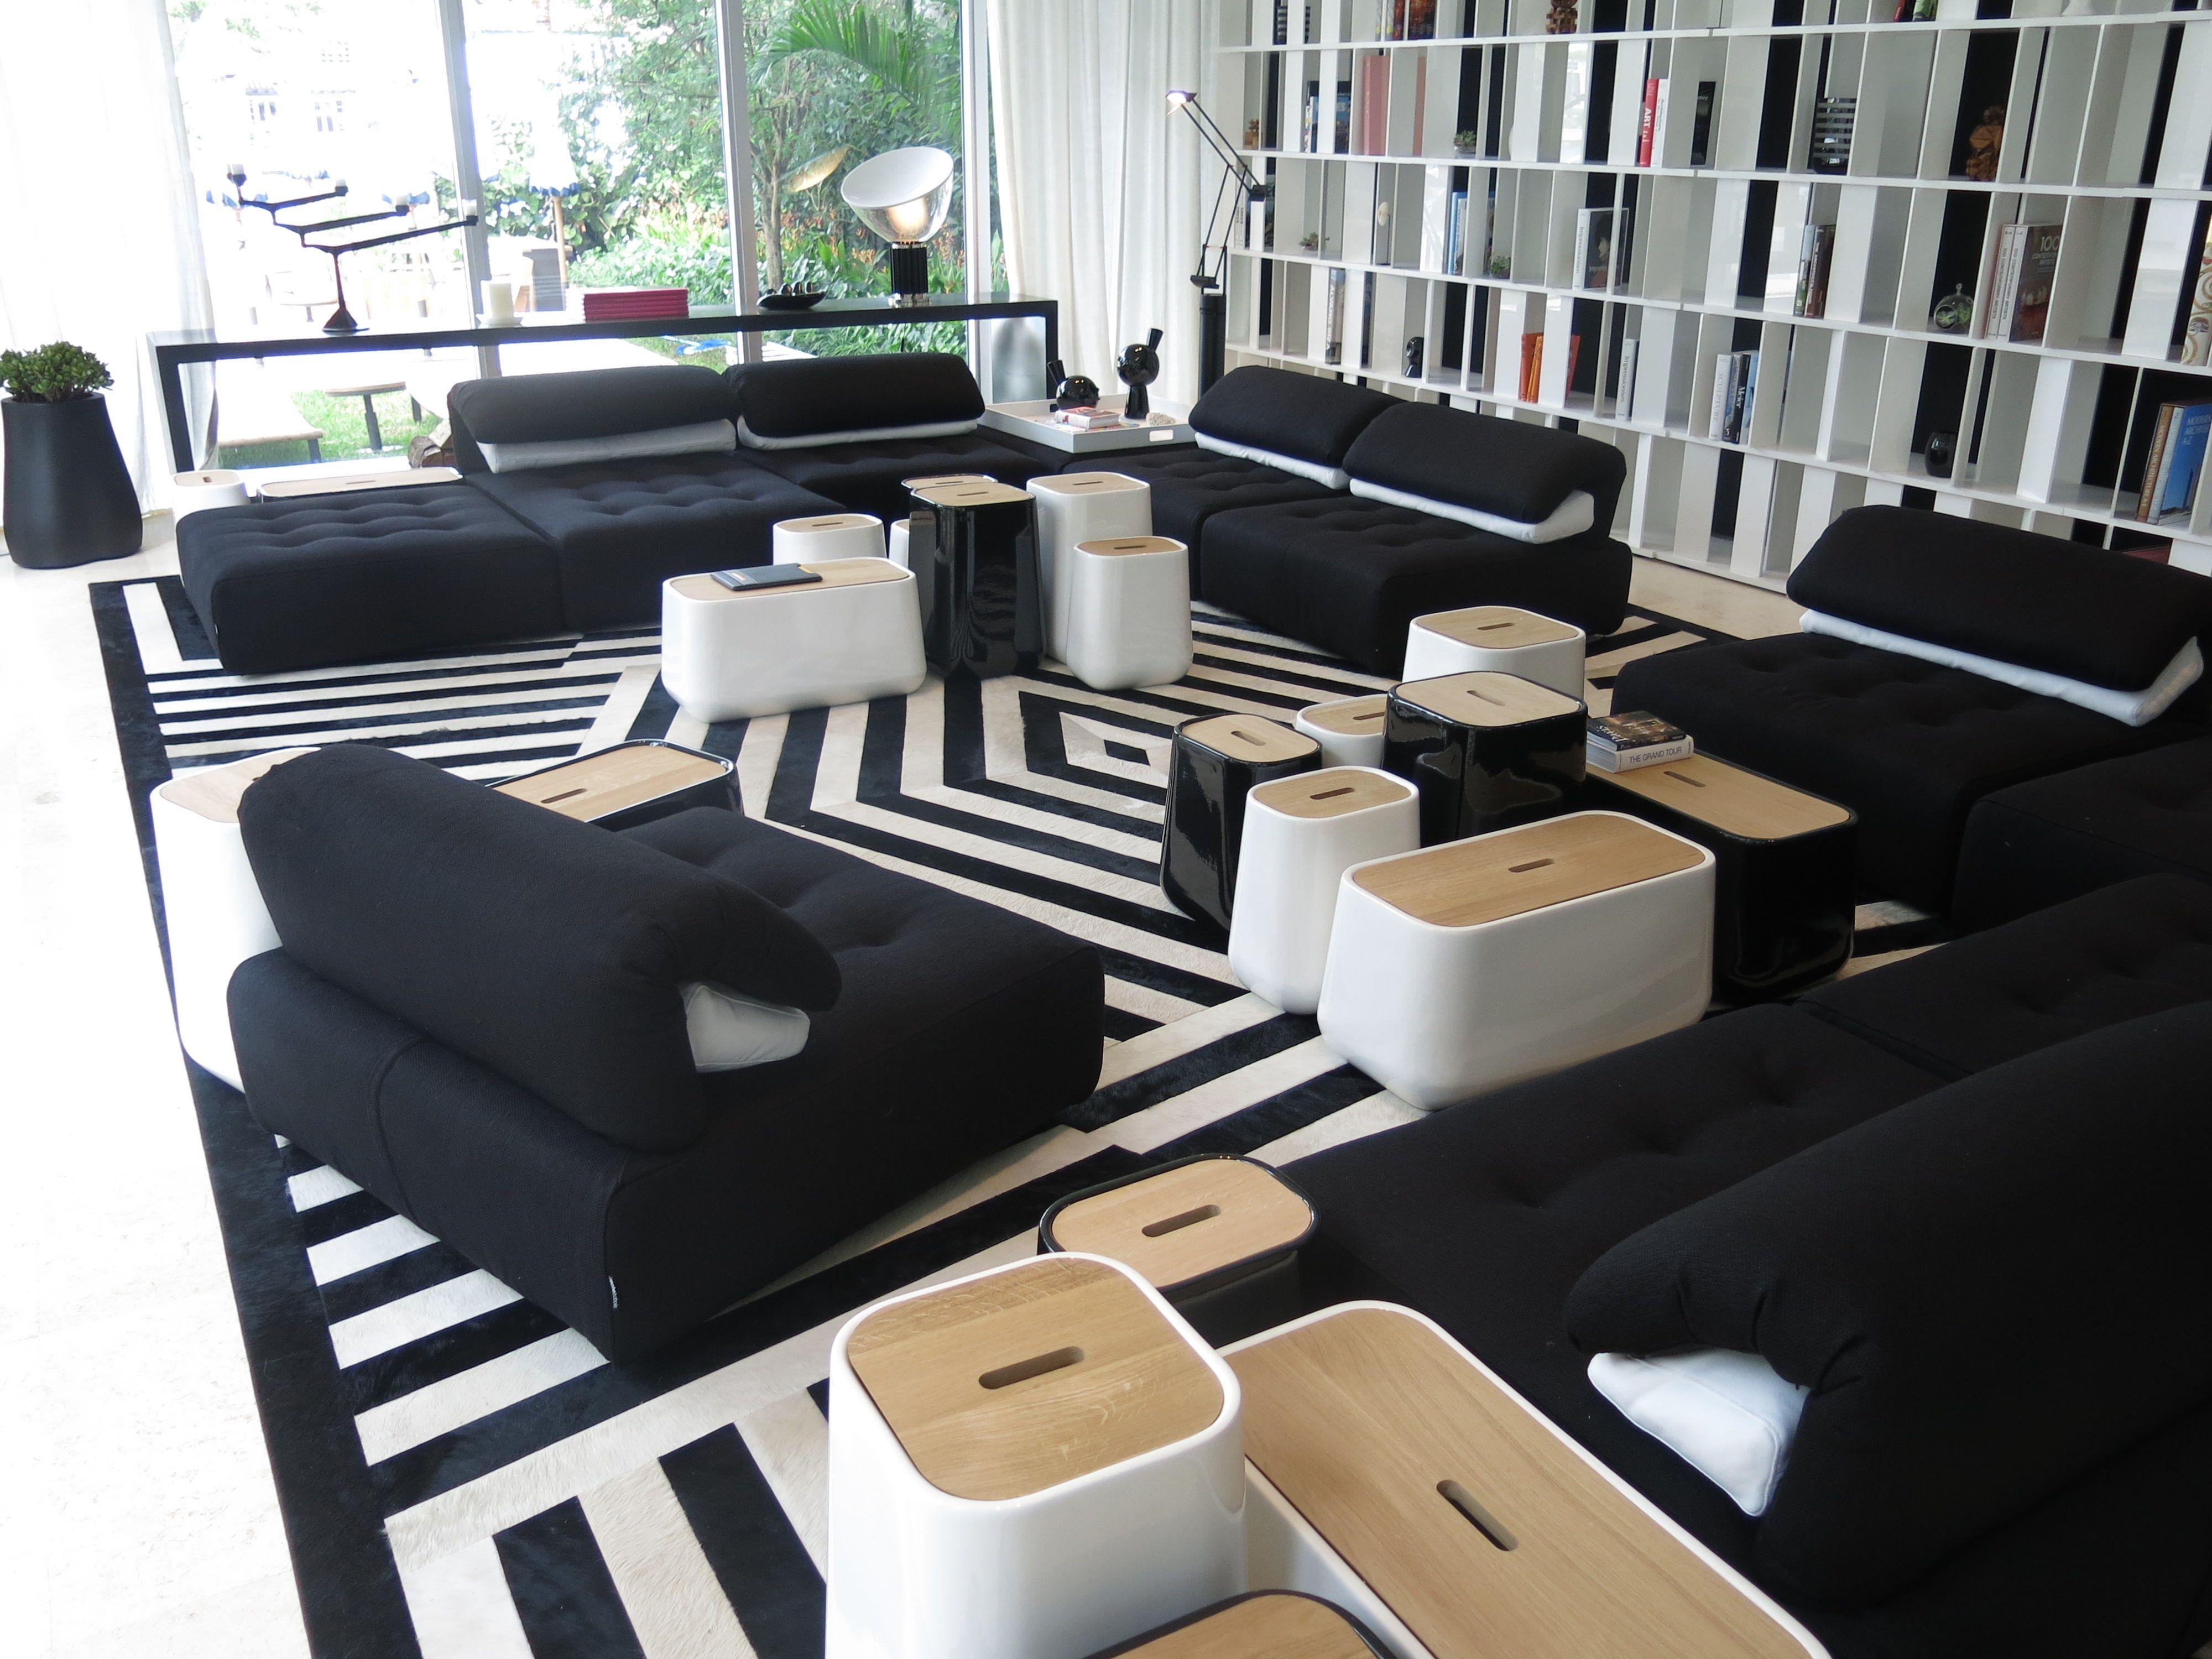 roche bobois floor cushion seating. Roche Bobois | Elle Decor Modern House 2013 Art Basel In New York, USA · Floor CushionsElle Cushion Seating